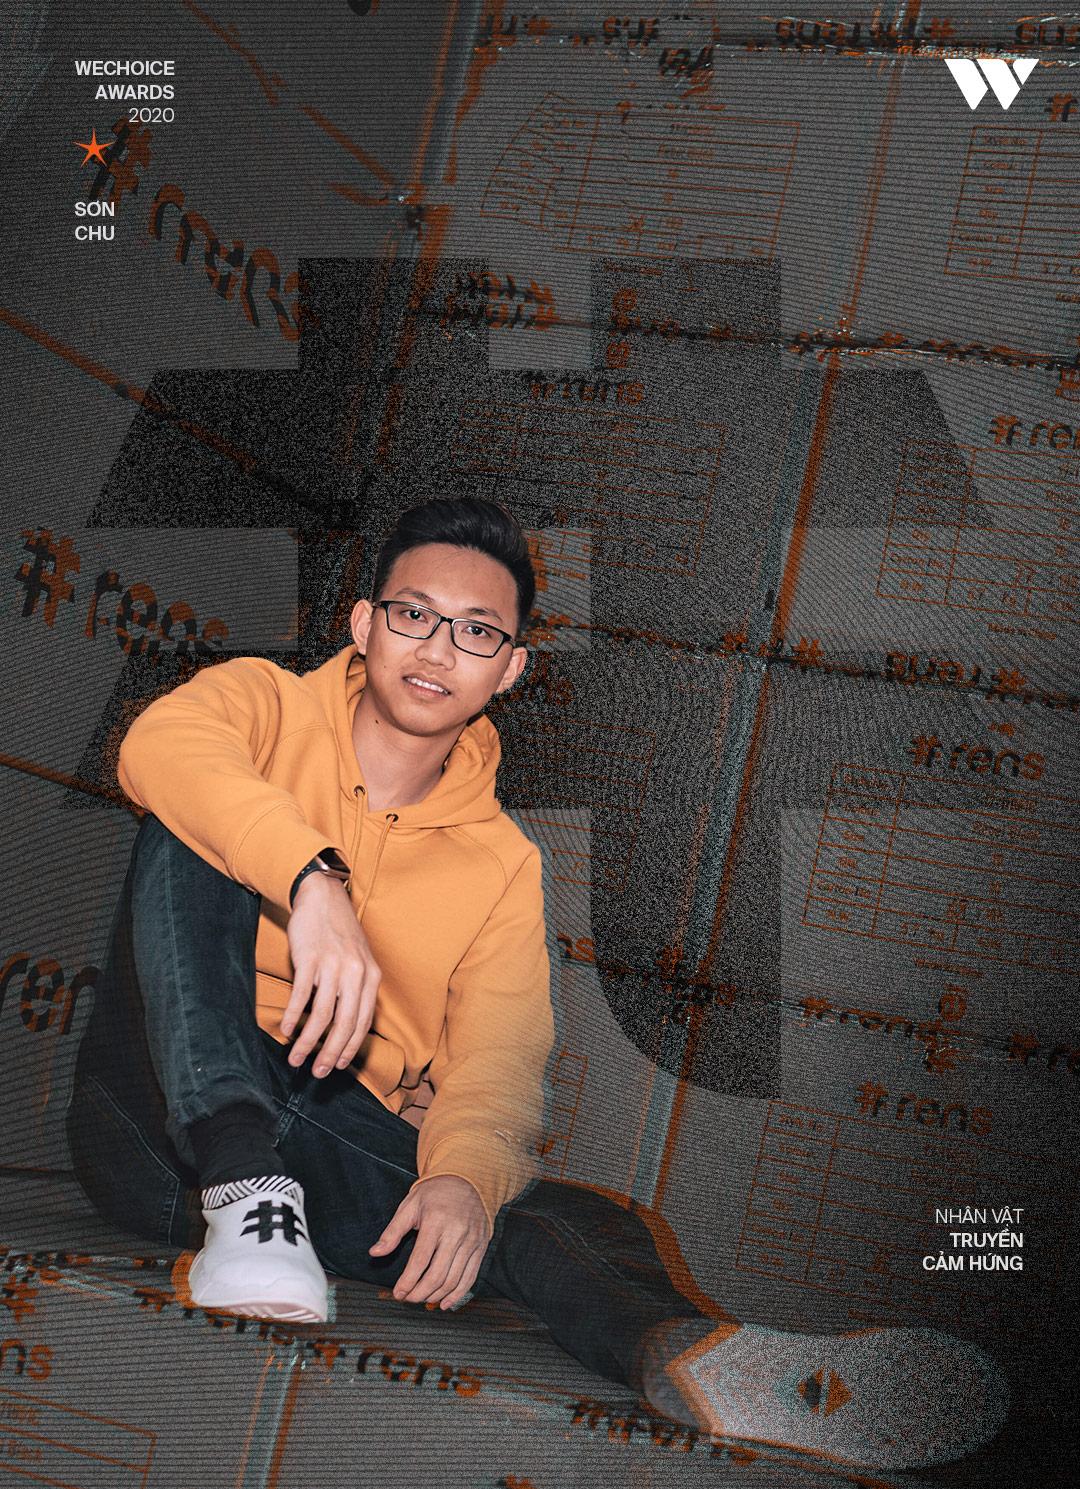 Jesse Khánh Trần và Sơn Chu: Bước ra thế giới với những đôi giày làm từ bã cafe và chai nhựa - Ảnh 9.